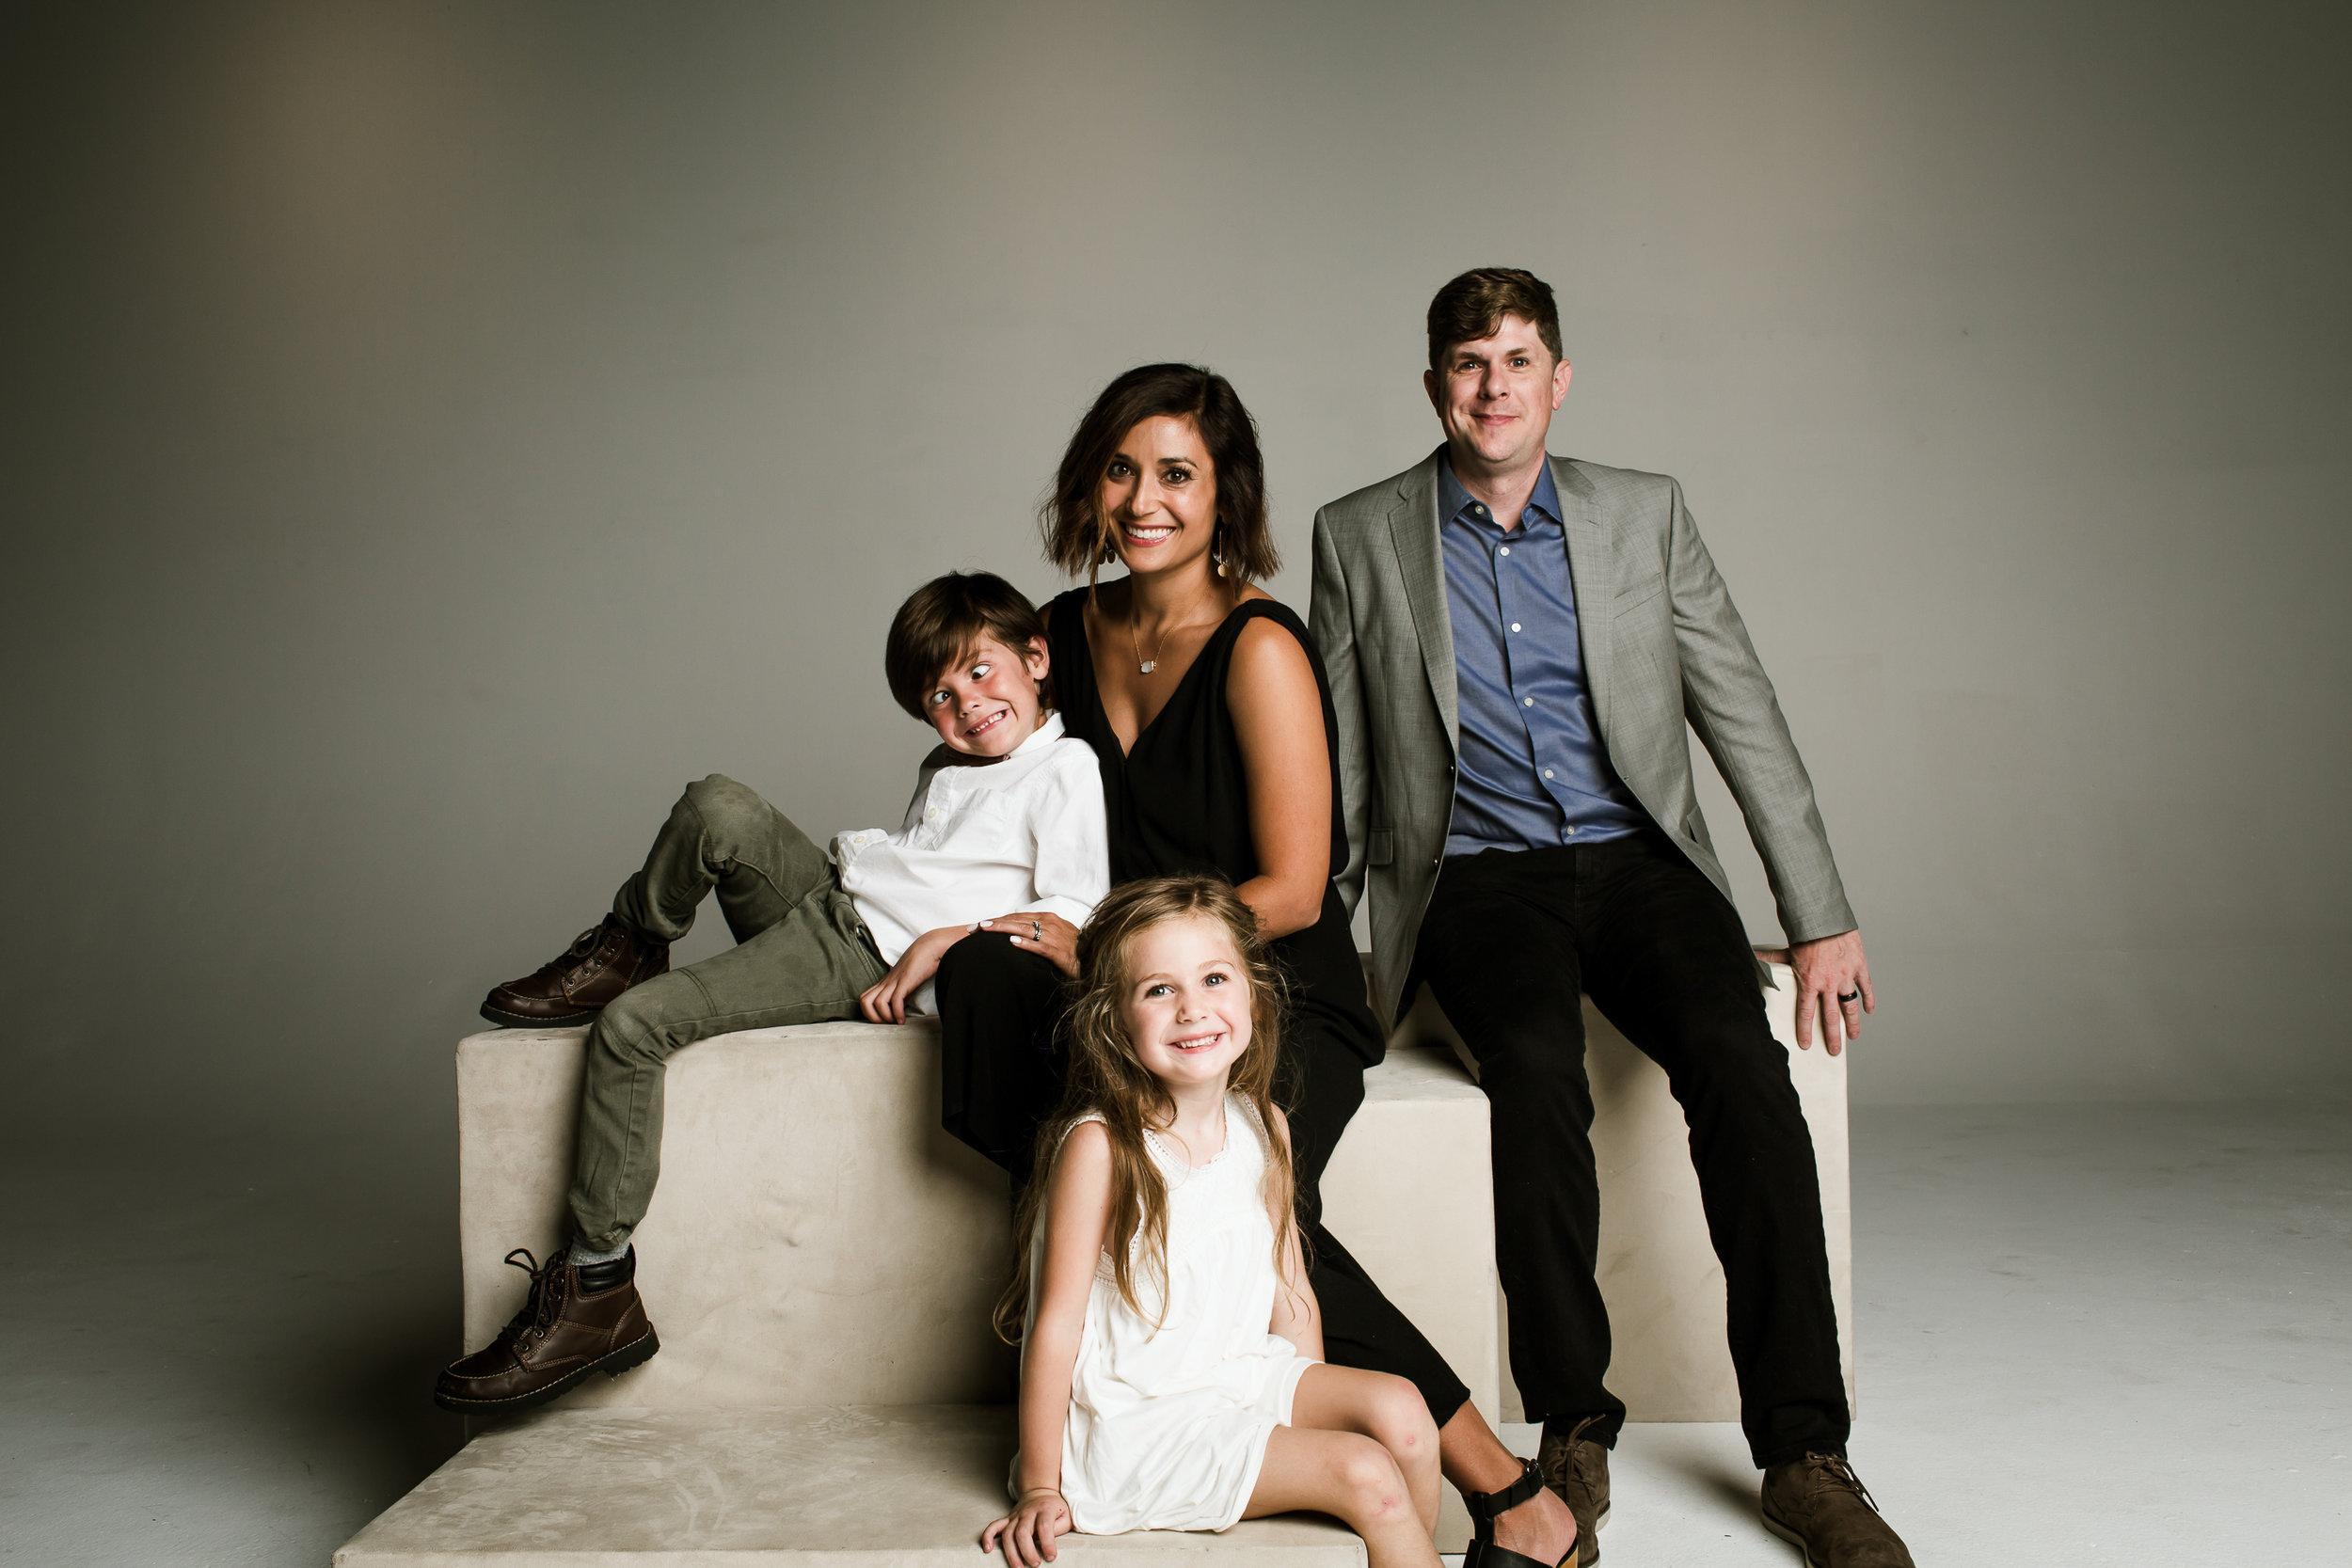 Gianna Keiko Atlanta Family Studio Portrait Photographer-3.jpg